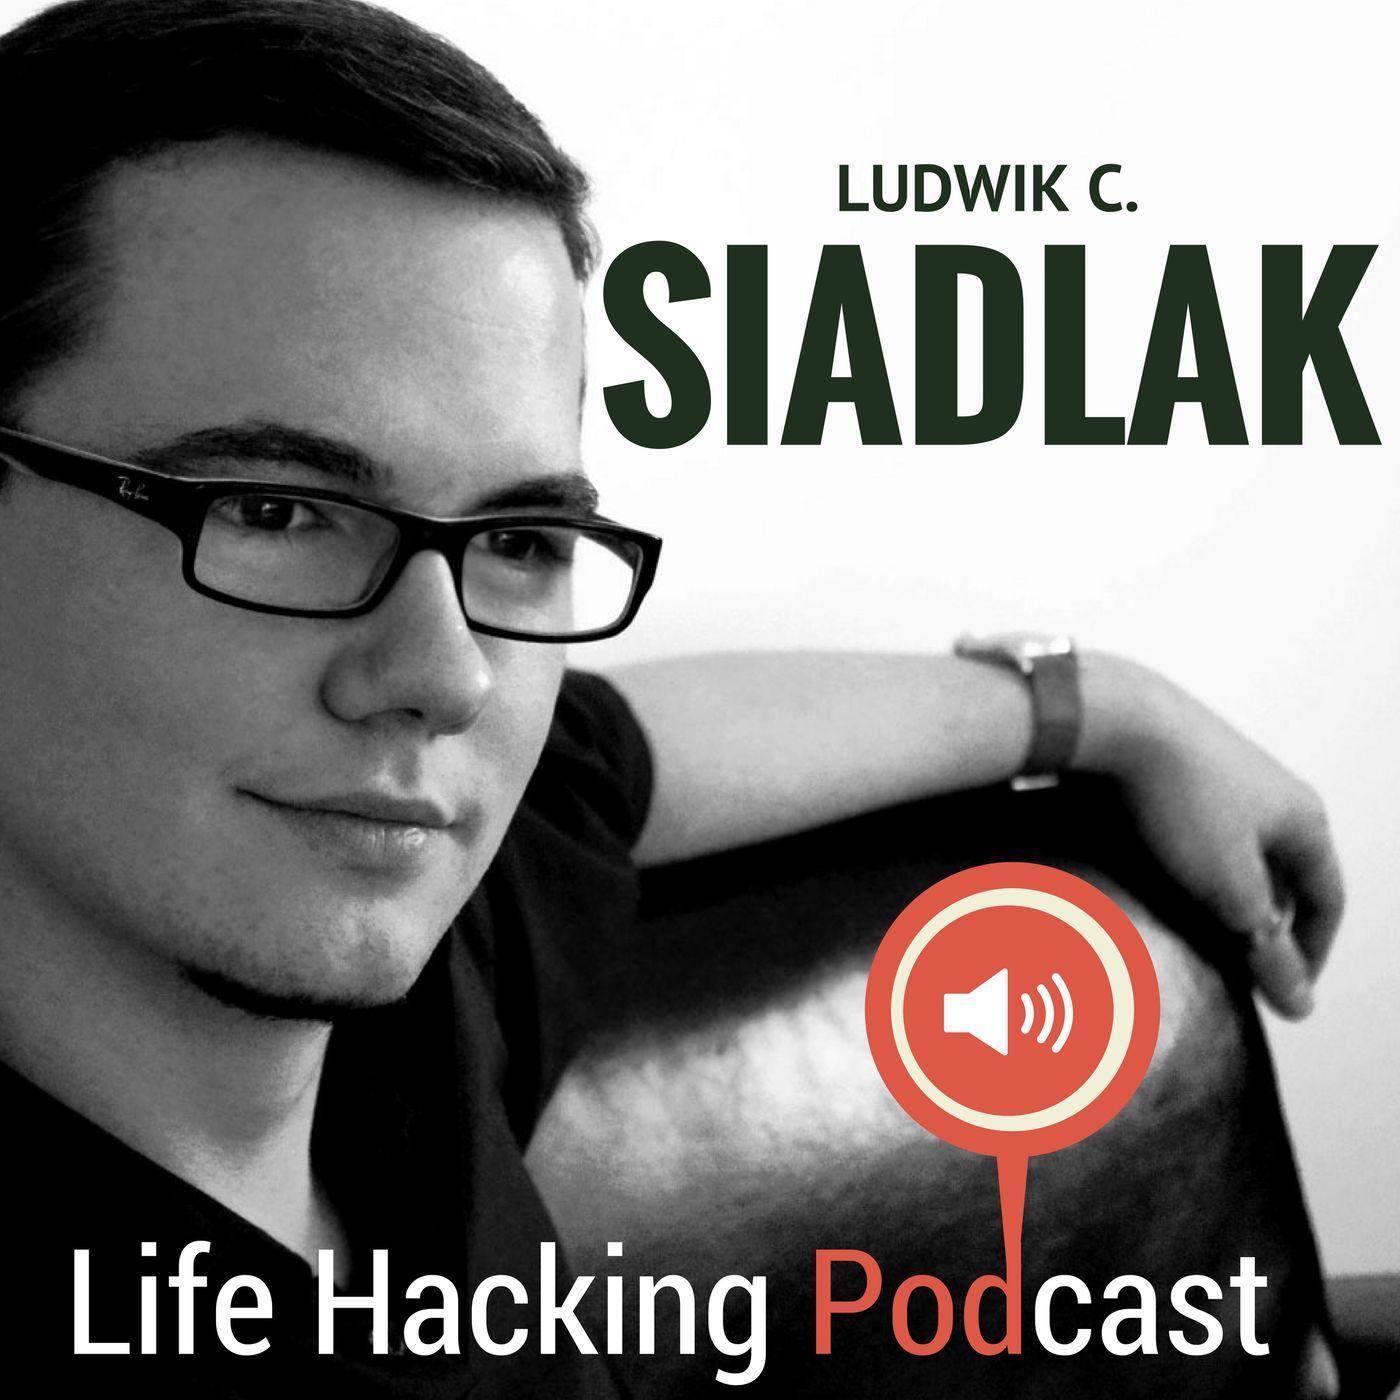 #027: Jak łatwo nawiązywać relacje z innymi? - Life Hacking Podcast